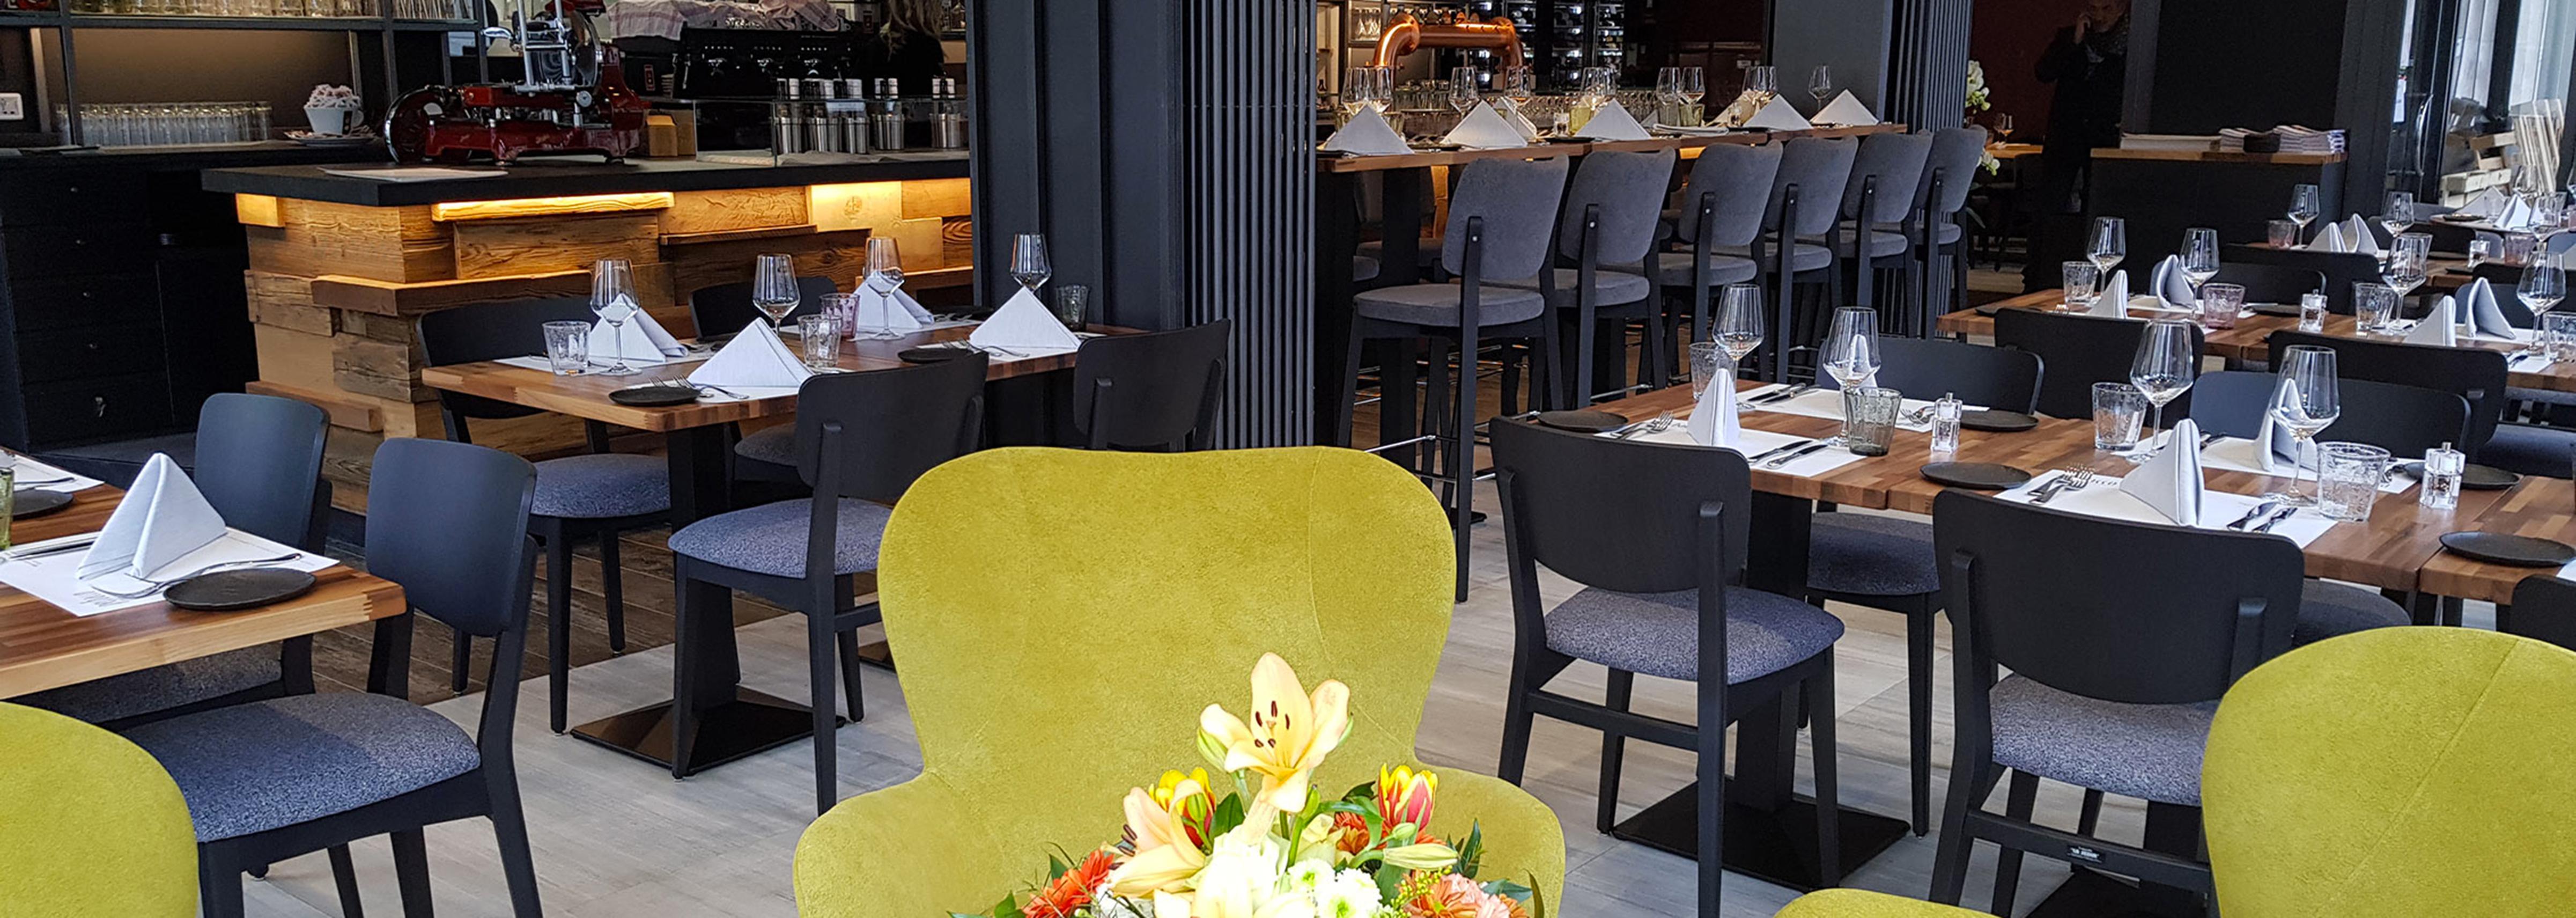 Perbacco Bar, Ristorante, Pizzeria